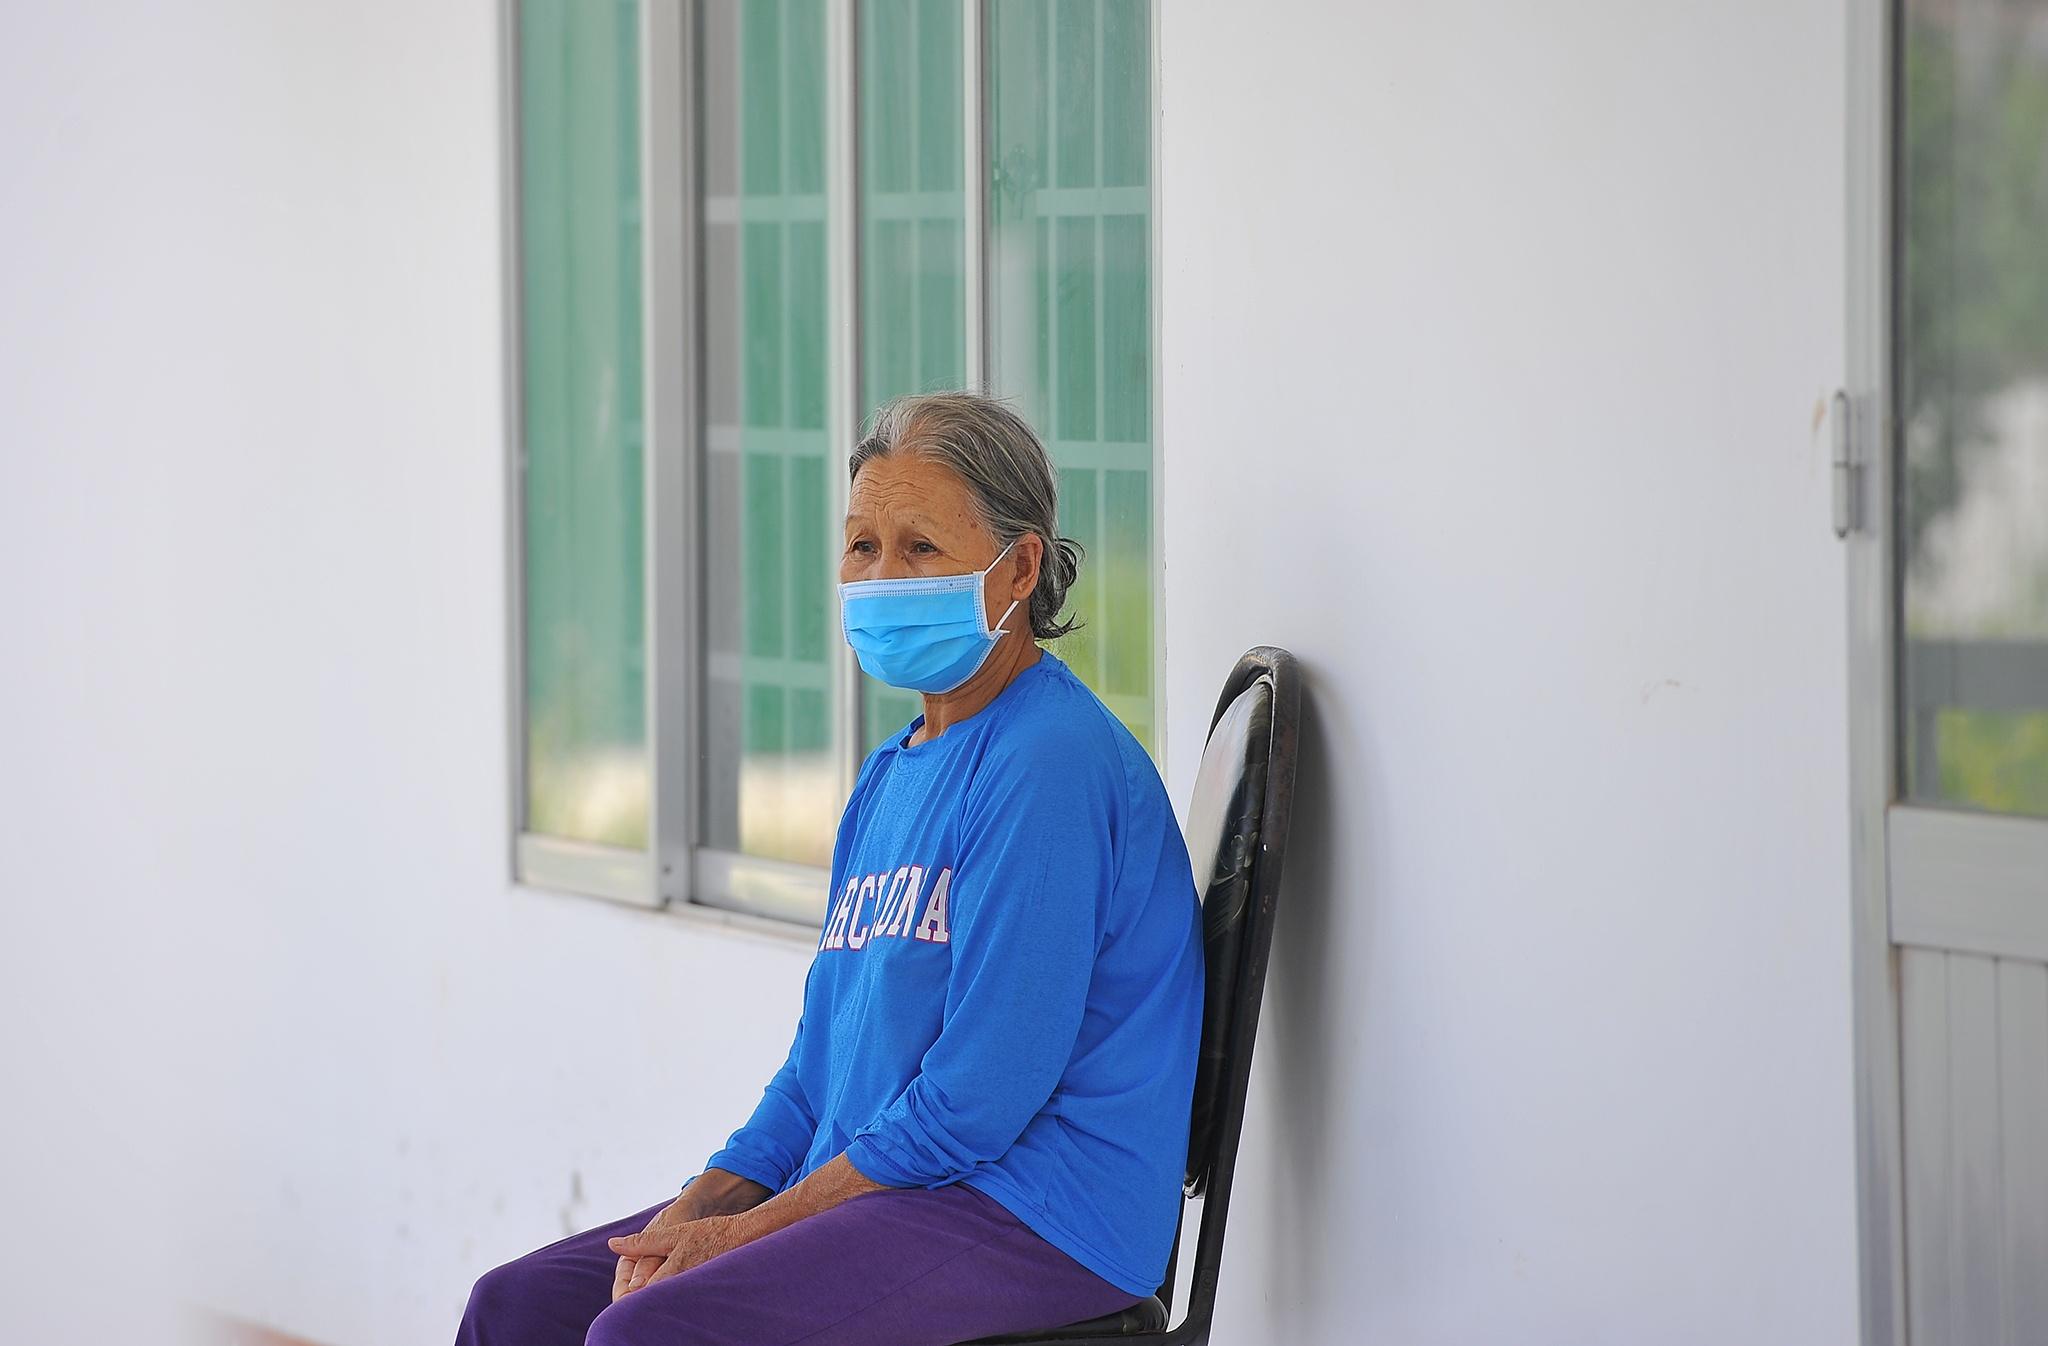 Benh bach hau lan rong o Tay Nguyen anh 21